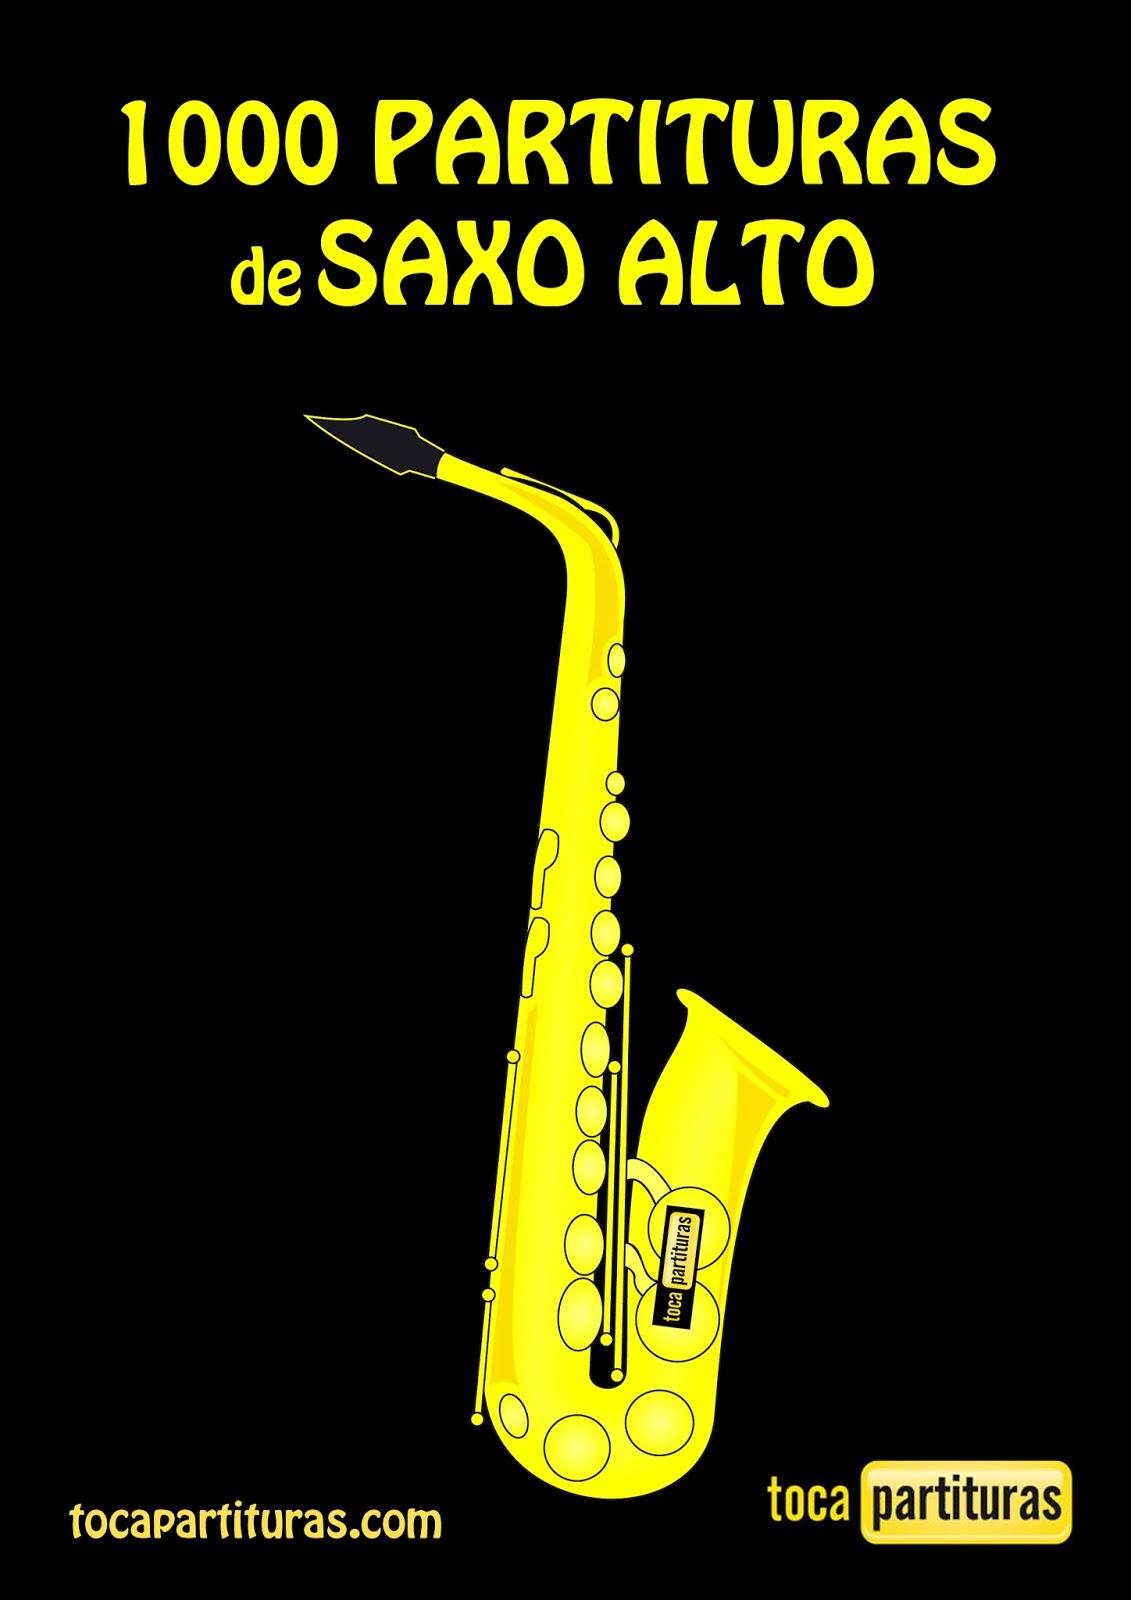 """""""En er Mundo"""" Charanga con saxofón alto por diegosax. Partituras de Saxofón Alto http://www.tocapartituras.com/2014/02/partituras-de-saxofon-alto-1000.html"""